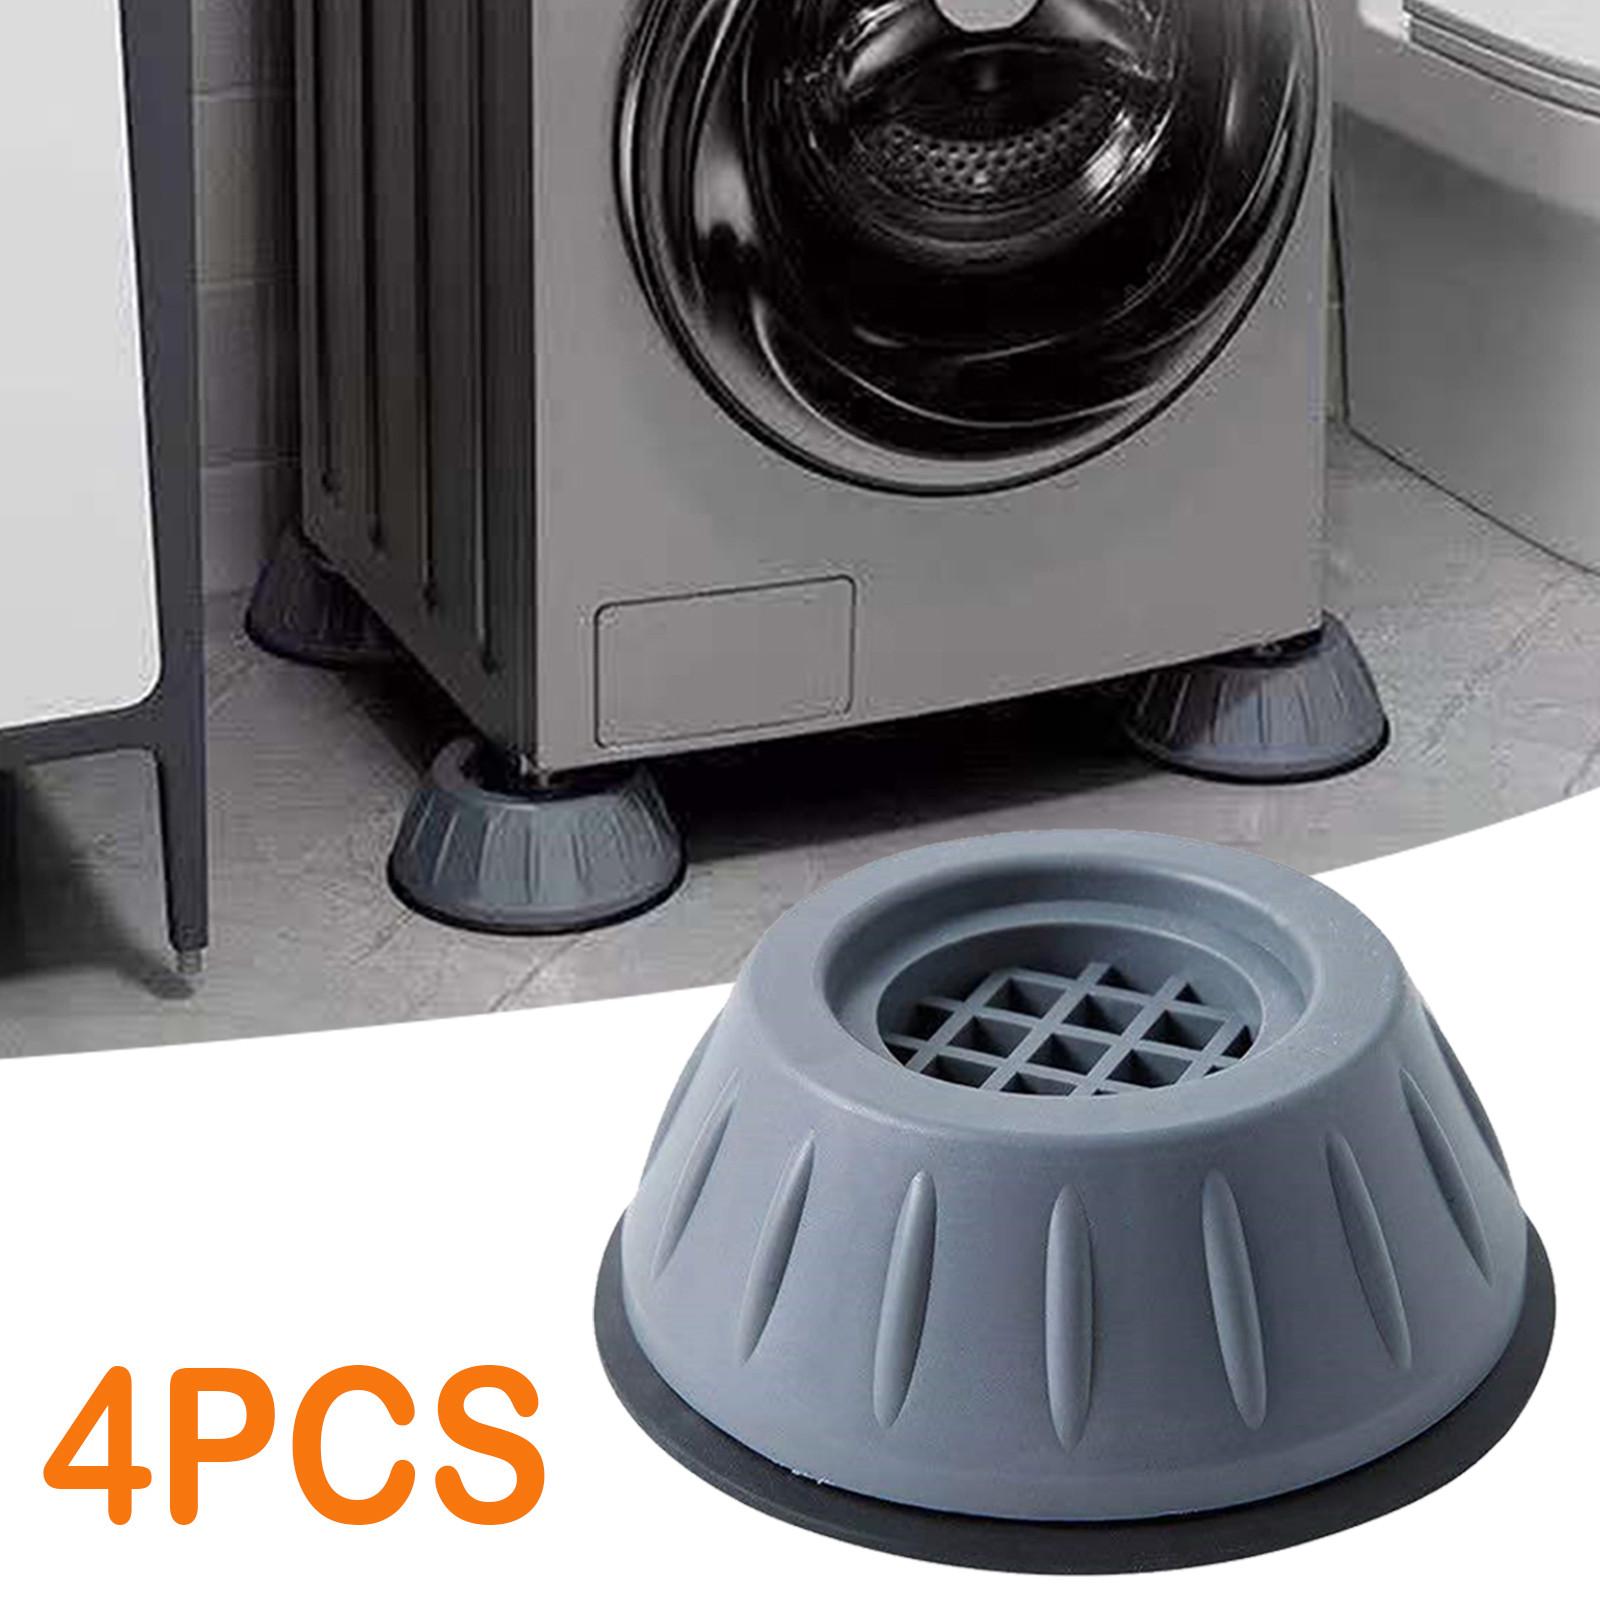 4Pcs Universal Anti-Vibration Feet Pads Washing Machine Rubber Mat Anti-Vibration Pad Dryer Refrigerator Base Fixed Non-Slip Pad